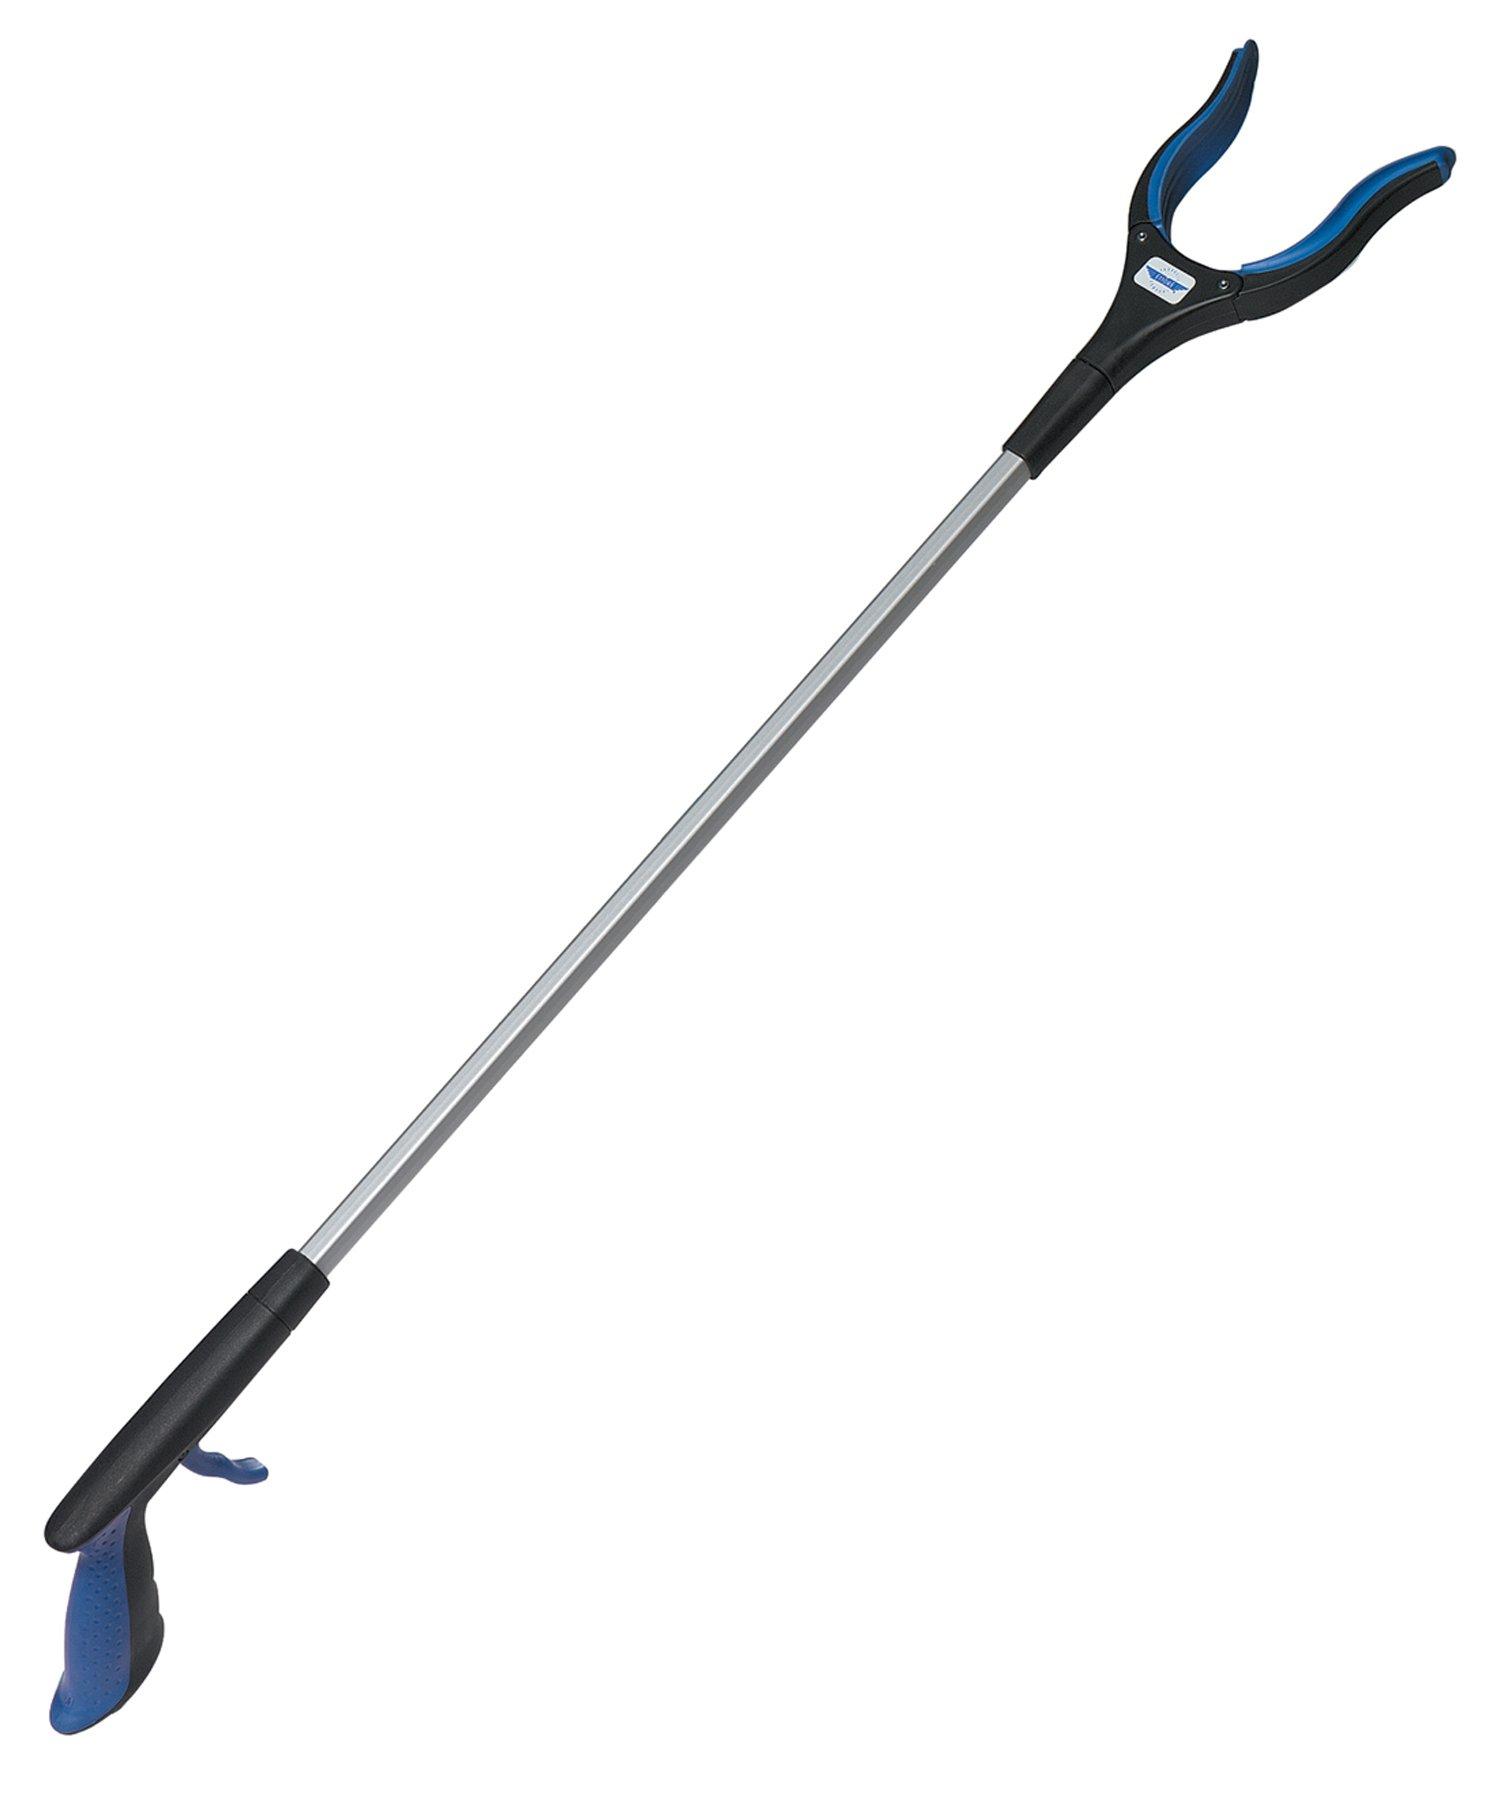 Ettore 49036 Grip'n Grab Reach Tool, 34-Inch